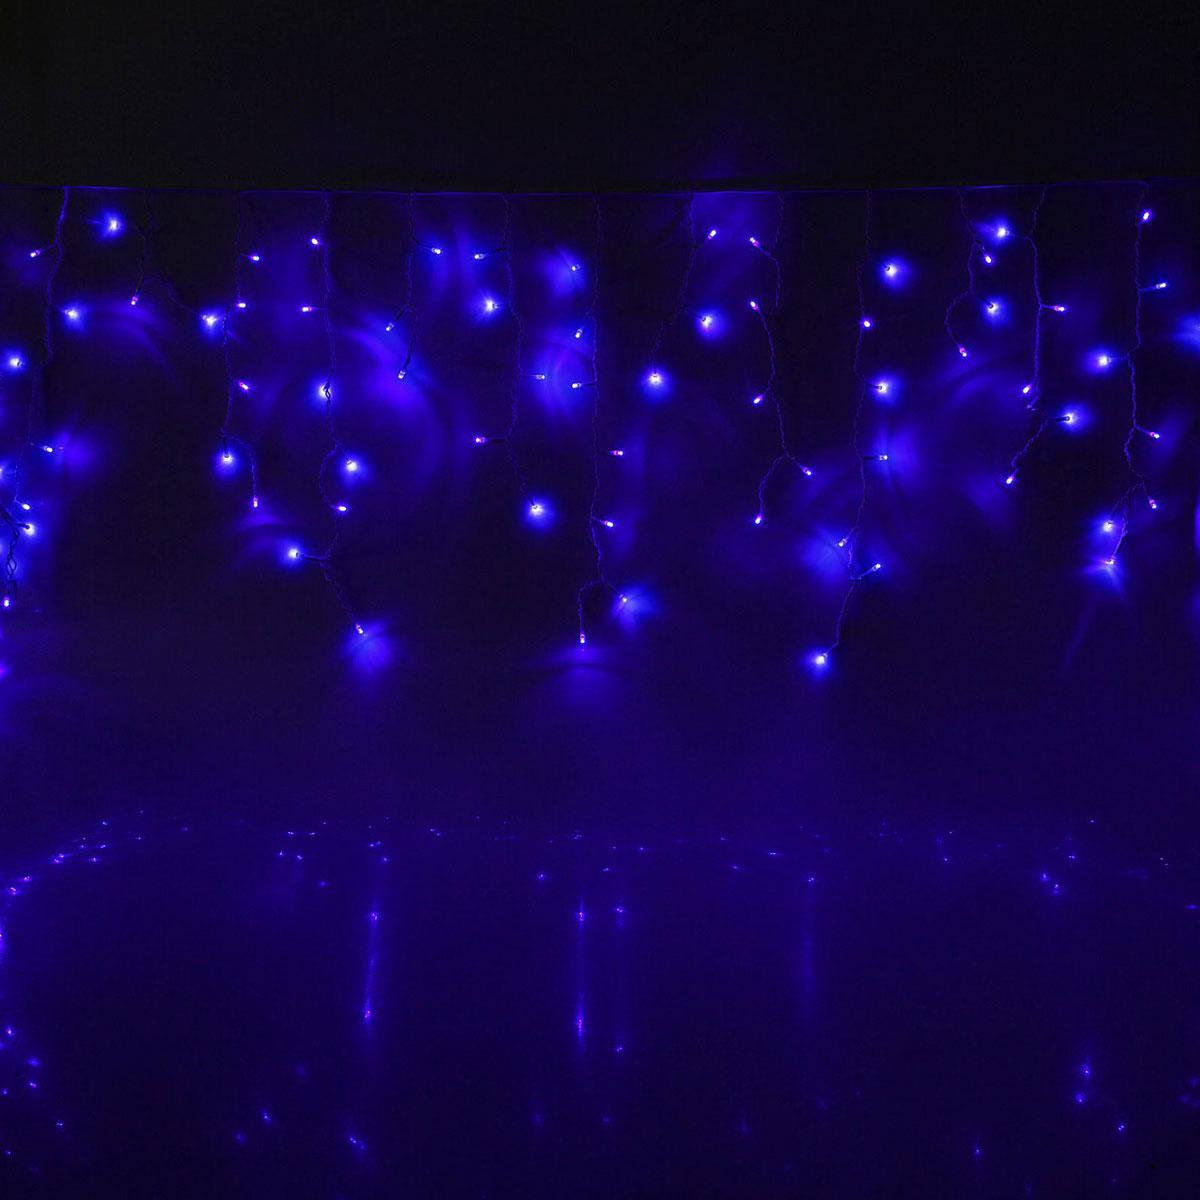 Гирлянда светодиодная Luazon Бахрома, уличная, 160 ламп, 220 V, цвет: синий, 3 х 0,6 м. 10801751080175Гирлянда светодиодная Бахрома - это отличный вариант для новогоднего оформления интерьера или фасада. С ее помощью помещение любого размера можно превратить в праздничный зал, а внешние элементы зданий, украшенные гирляндой, мгновенно станут напоминать очертания сказочного дворца. Такое украшение создаст ауру предвкушения чуда. Деревья, фасады, витрины, окна и арки будто специально созданы, чтобы вы украсили их светящимися нитями.